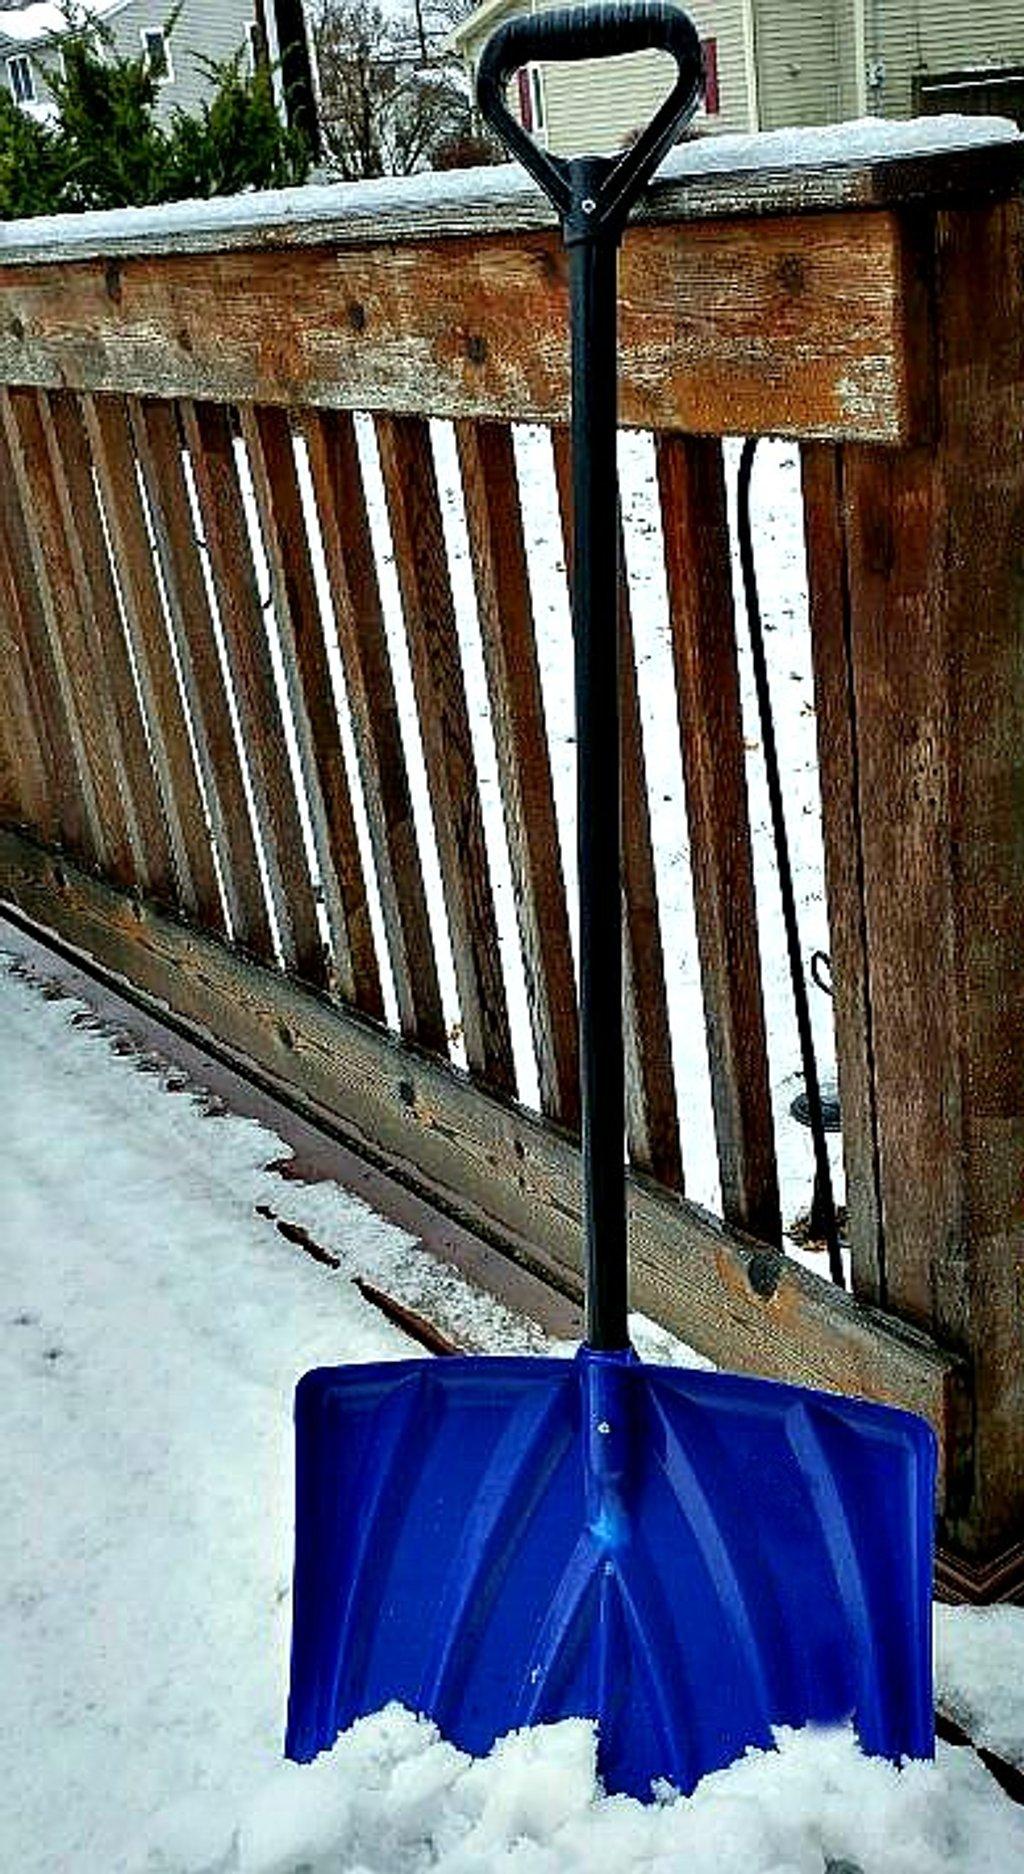 Blue Snow Shovel  by jo38